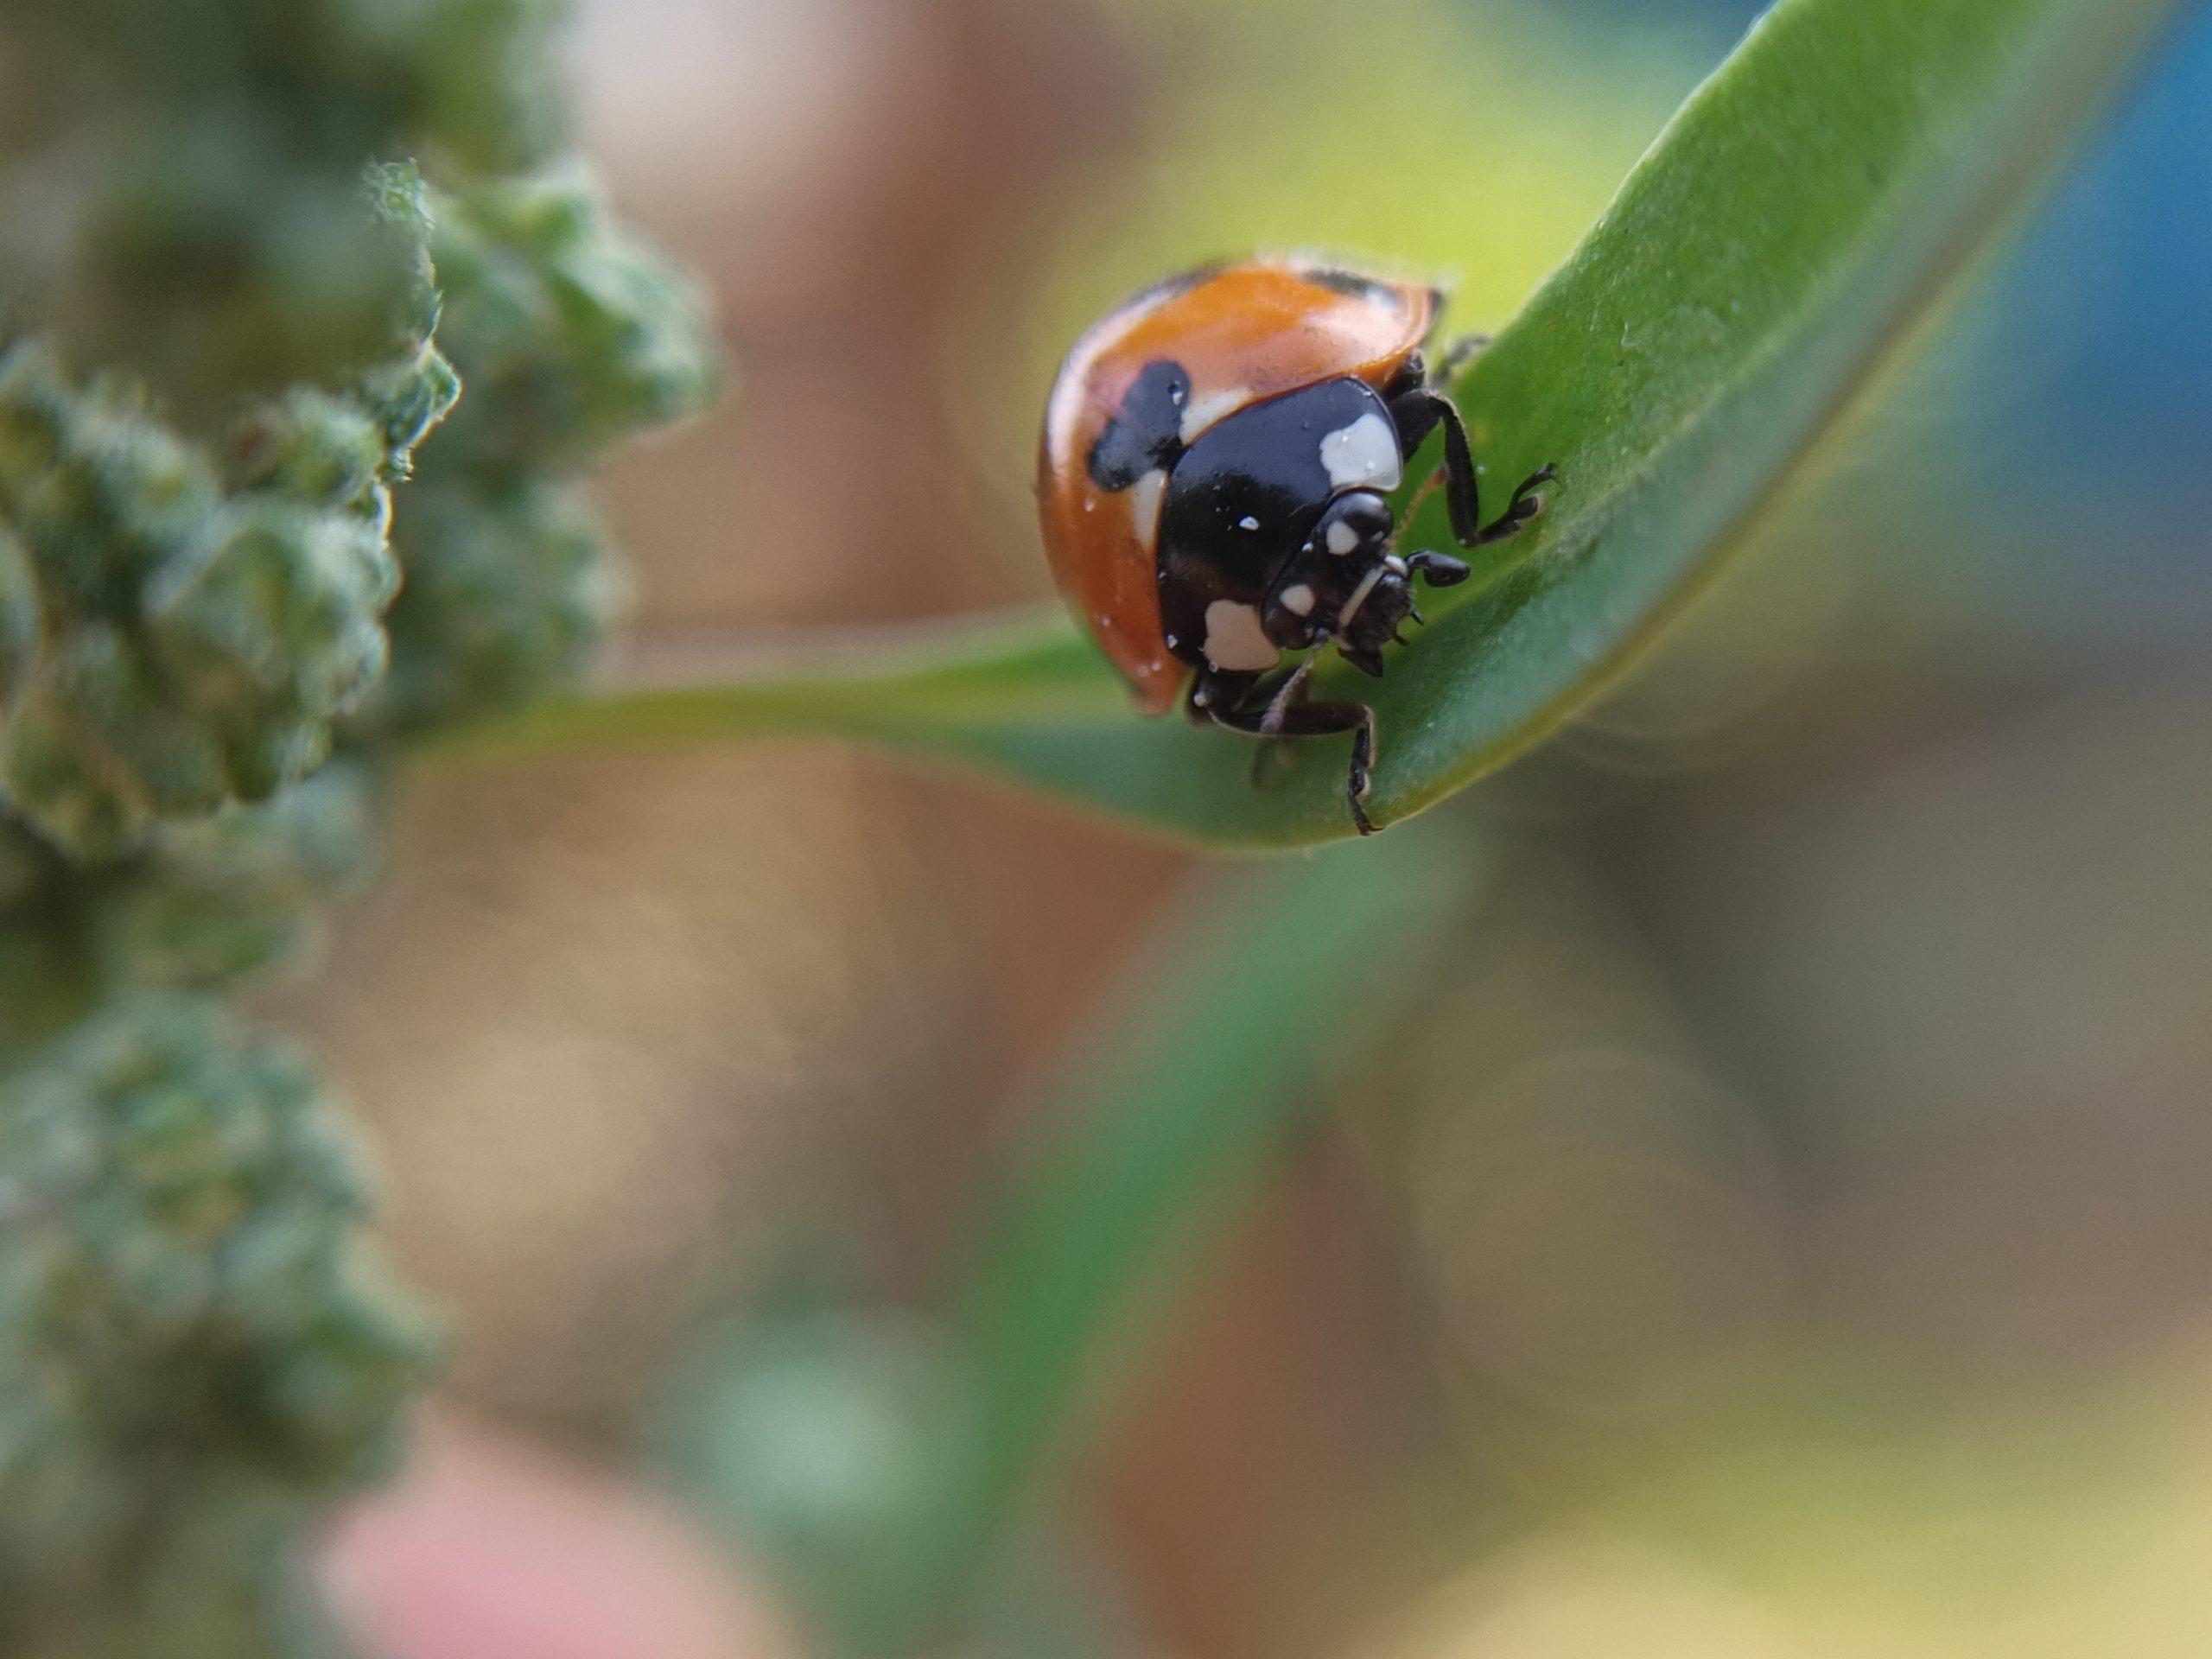 Bug on leaf